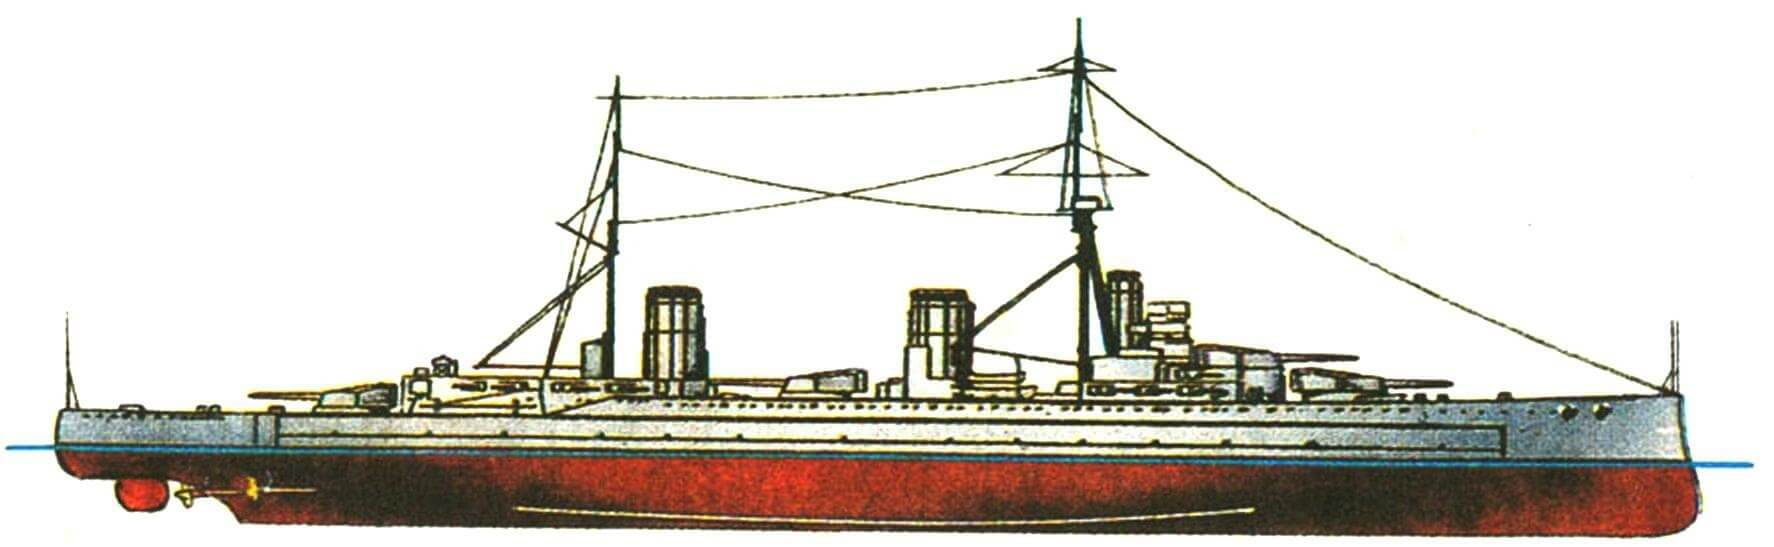 177. Линейный крейсер «ЛАЙОН», Англия, 1912 г. Заложен в 1909 г., спущен на воду в 1910 г. Водоизмещение: нормальное 26 100 т, полное 29 700 т. Длина наибольшая 213,4 м, ширина 27,0 м, осадка 8,4 м. Четырехвальная турбинная установка мощностью 70 000 л. с., скорость 27,5 уз. Броня: пояс 229—102 мм, траверсы 102 мм, палуба 25—63 мм, башни 229 мм, барбеты 229—76 мм, рубка 254 мм. Вооружение: восемь 343-мм и шестнадцать 102-мм орудий, два 533-мм торпедных аппарата. Построено 3 единицы: «Лайон», «Принцесс Ройял» (1912 г.) и «Куин Мэри» (1913 г.).